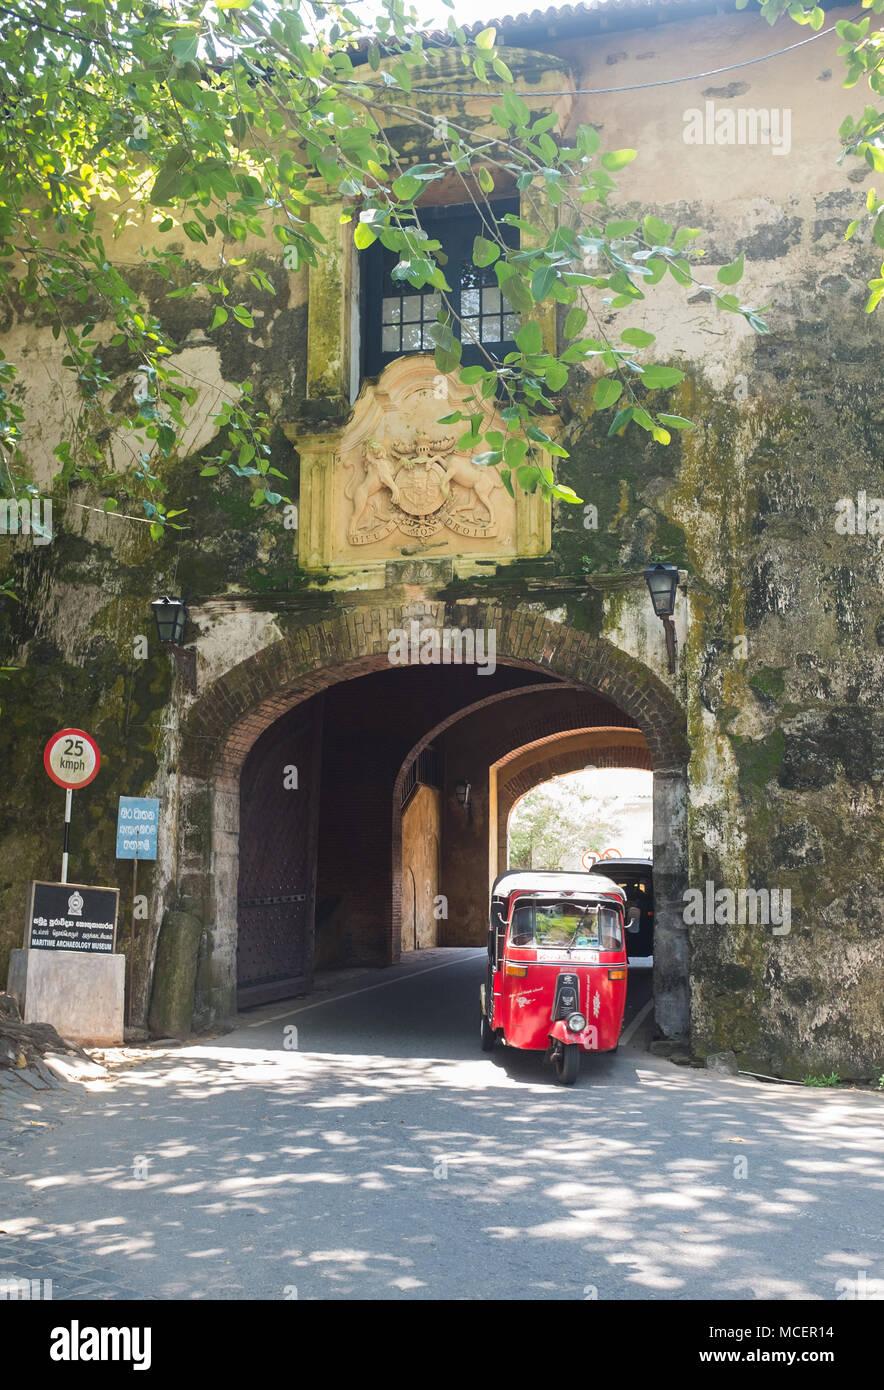 Tuk tuk pasaba por debajo de la antigua puerta de Galle, Sri Lanka, Asia. Imagen De Stock